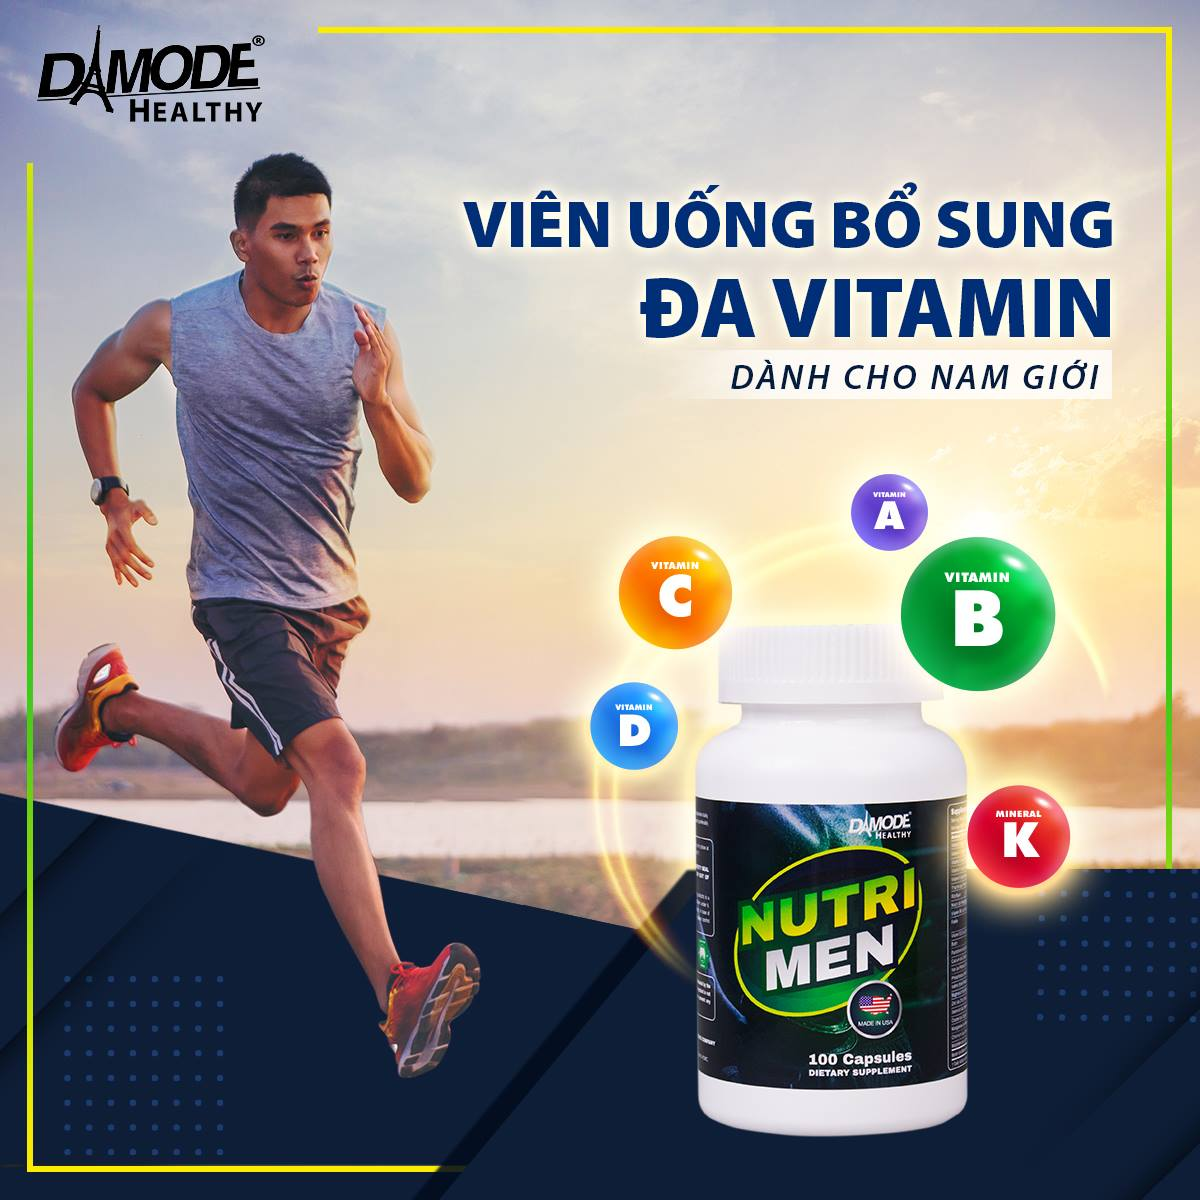 Vitamin, khoáng chất, tăng sức đề kháng cho Nam - Nutri Men